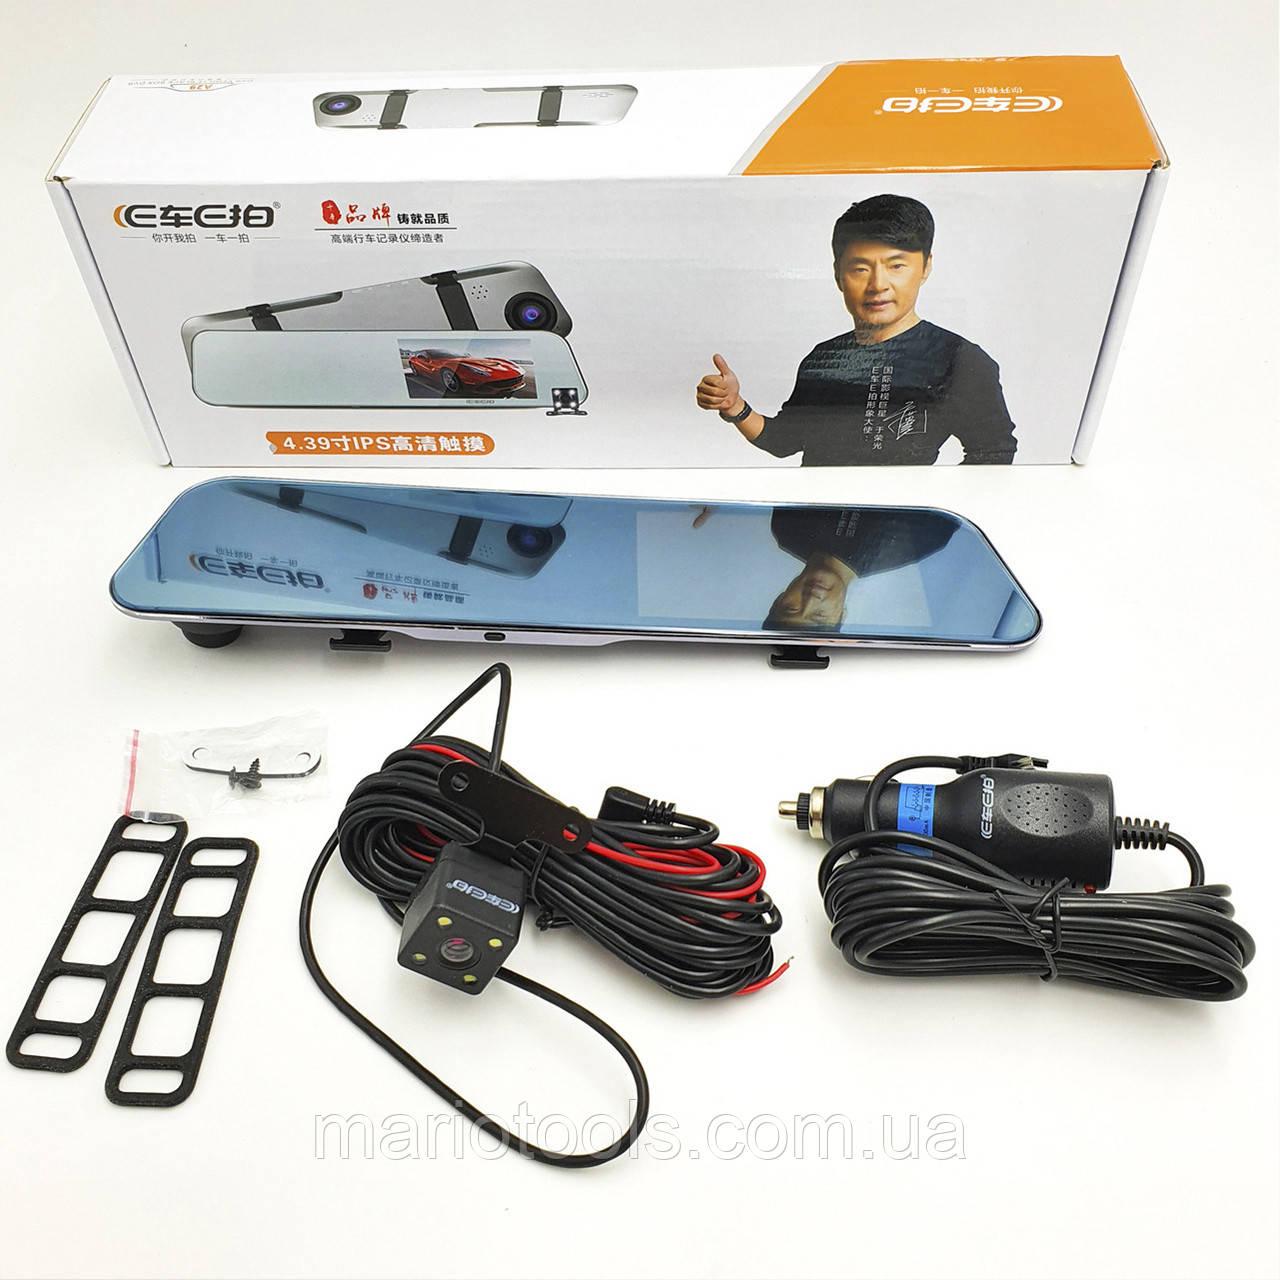 Ультратонкий Видеорегистратор-зеркало заднего вида с камерой заднего вида S-9 CAR Mirror DVR 4,3' + Парктроник